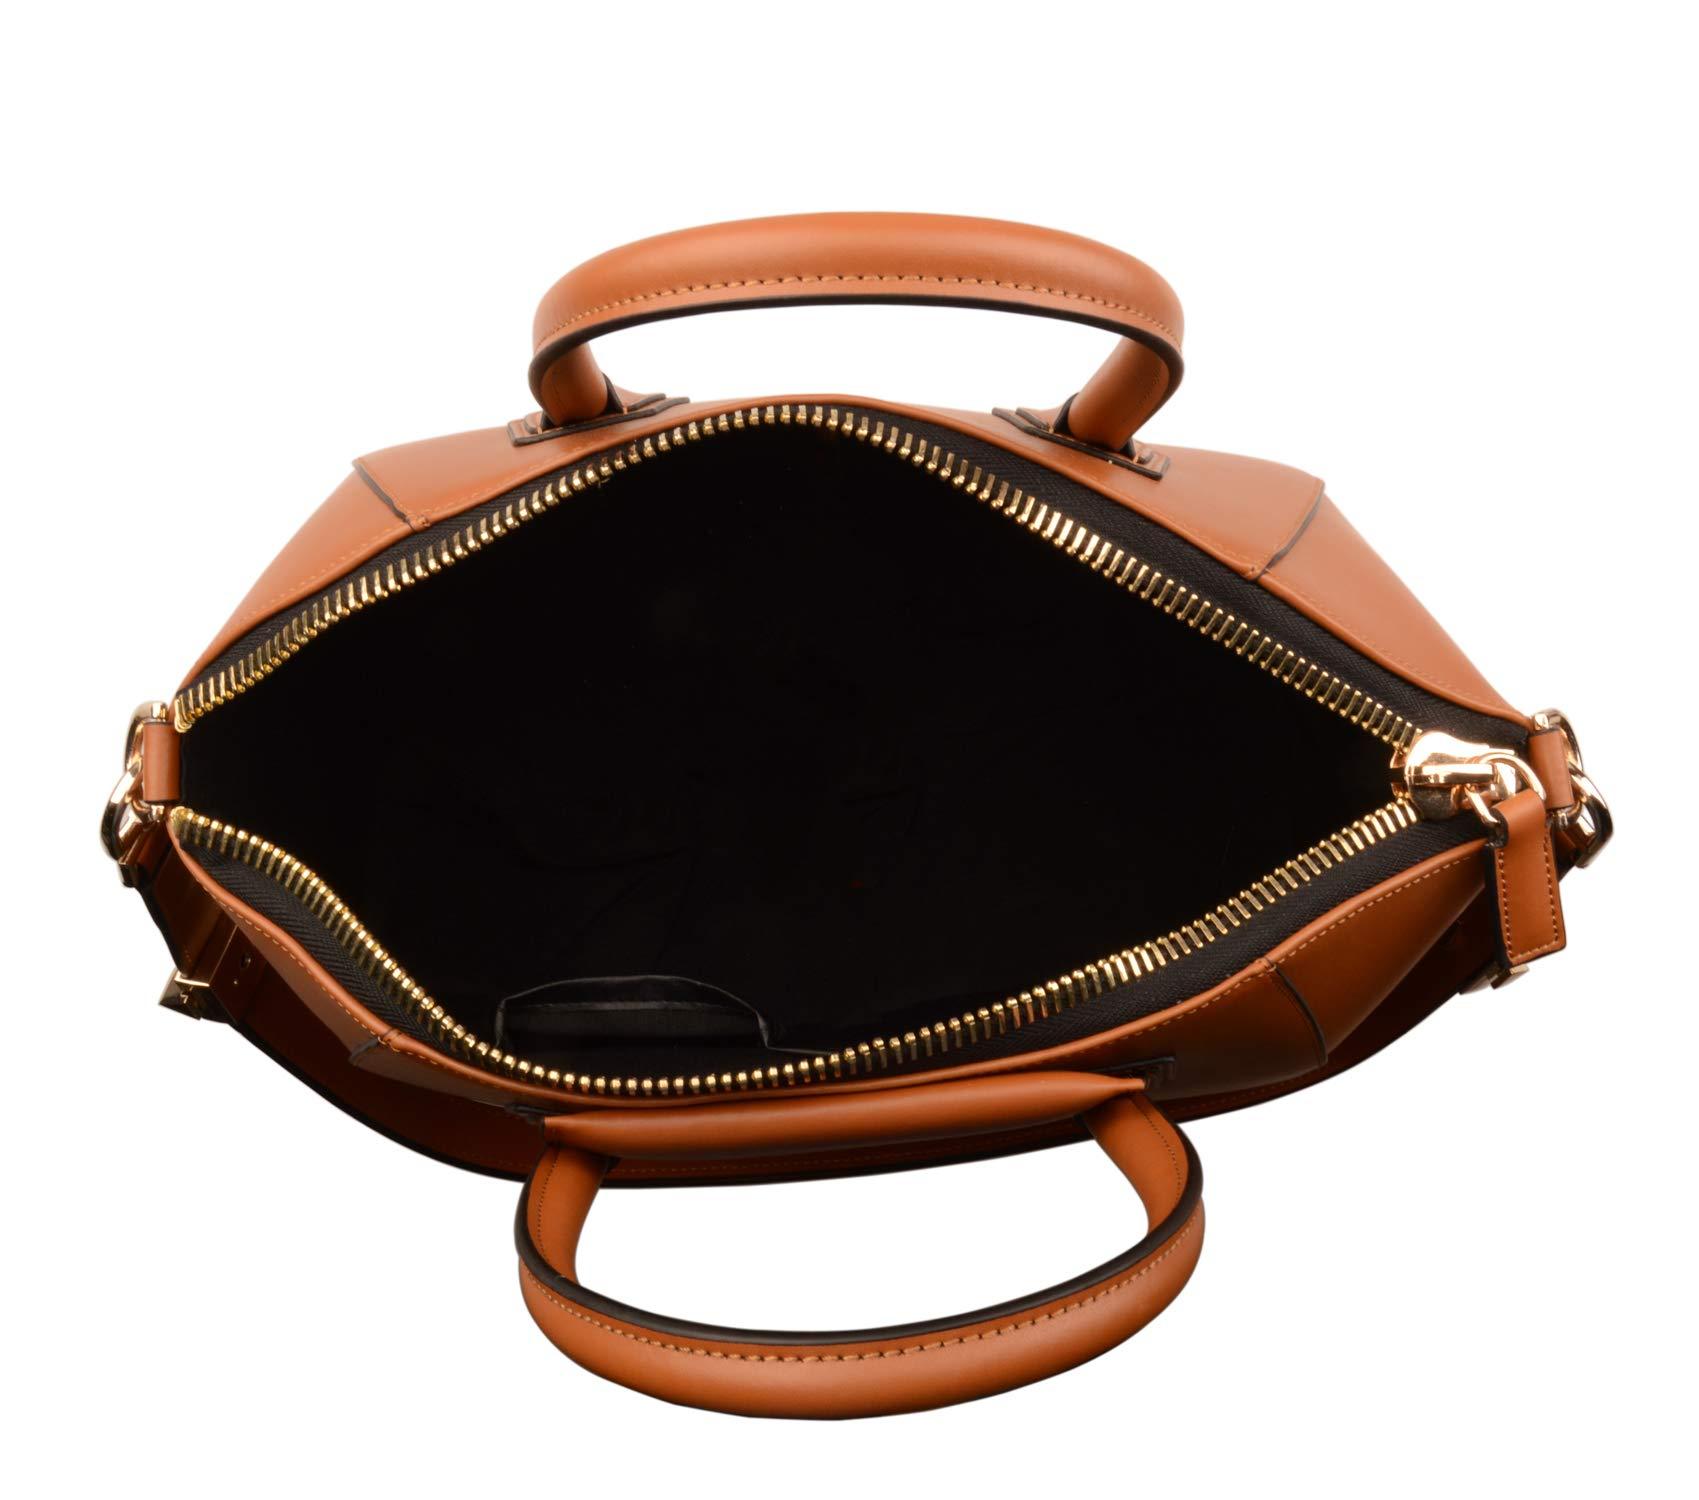 Ainifeel Women's Genuine Leather Simple Everyday Purse Top Handle Handbag Shoulder Handbags(Medium, Brown) by Ainifeel (Image #7)